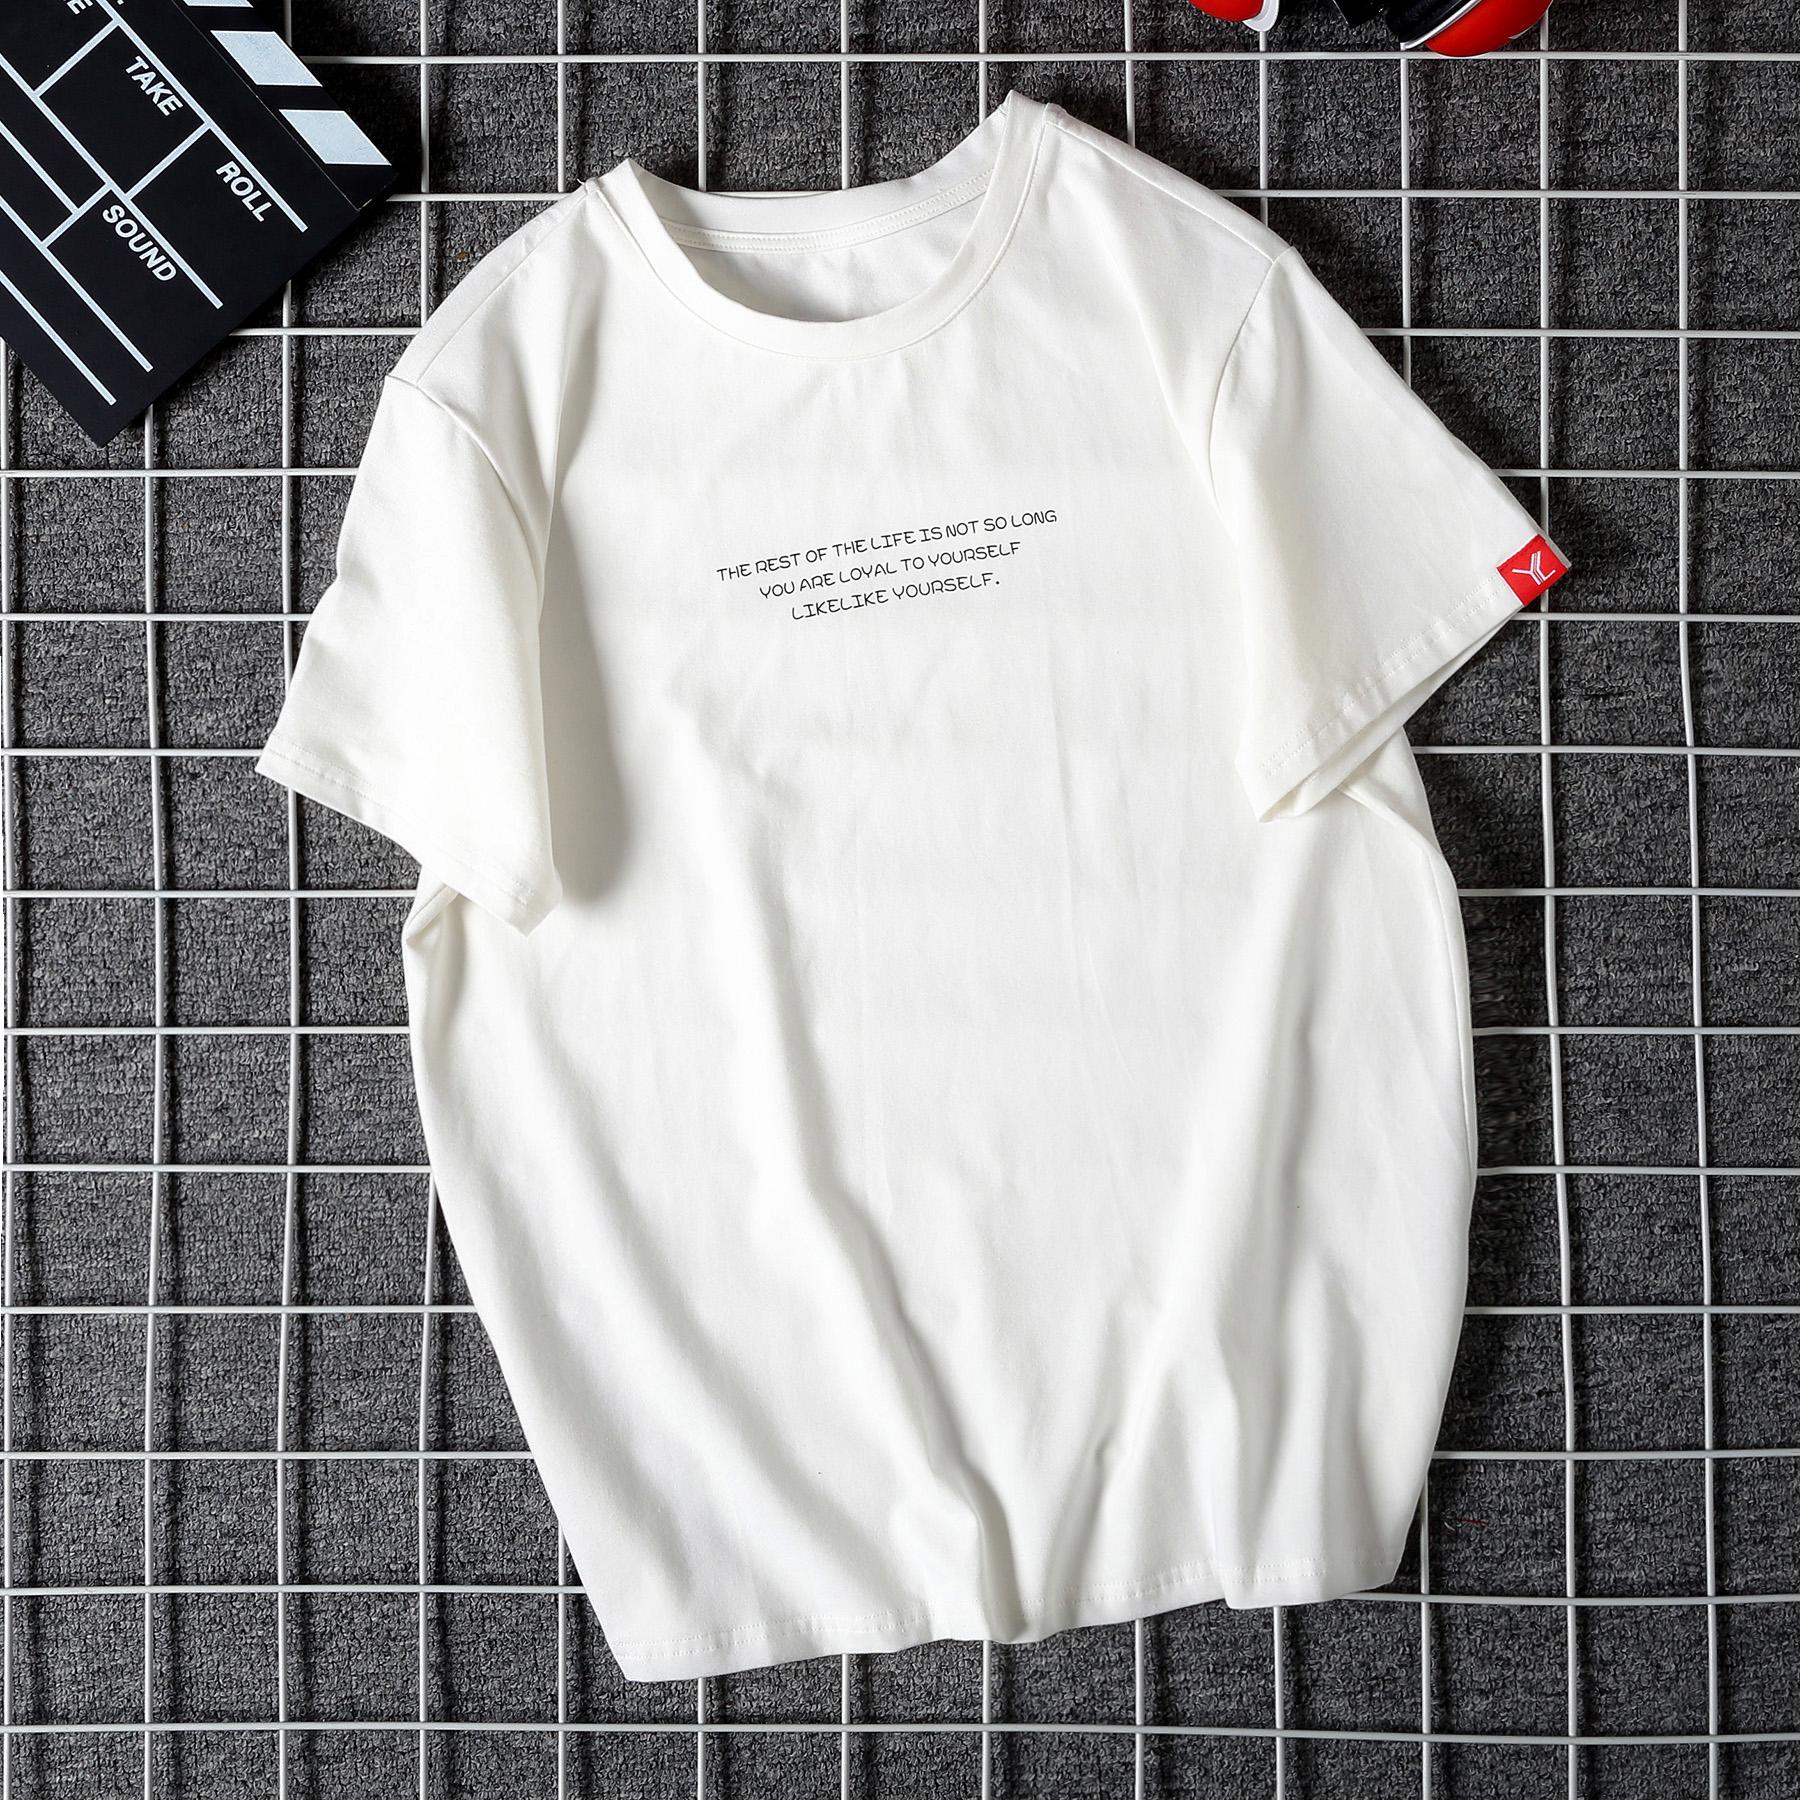 YC服装男士圆领纯棉简约印花短袖T恤男包邮_领取30.00元淘宝优惠券